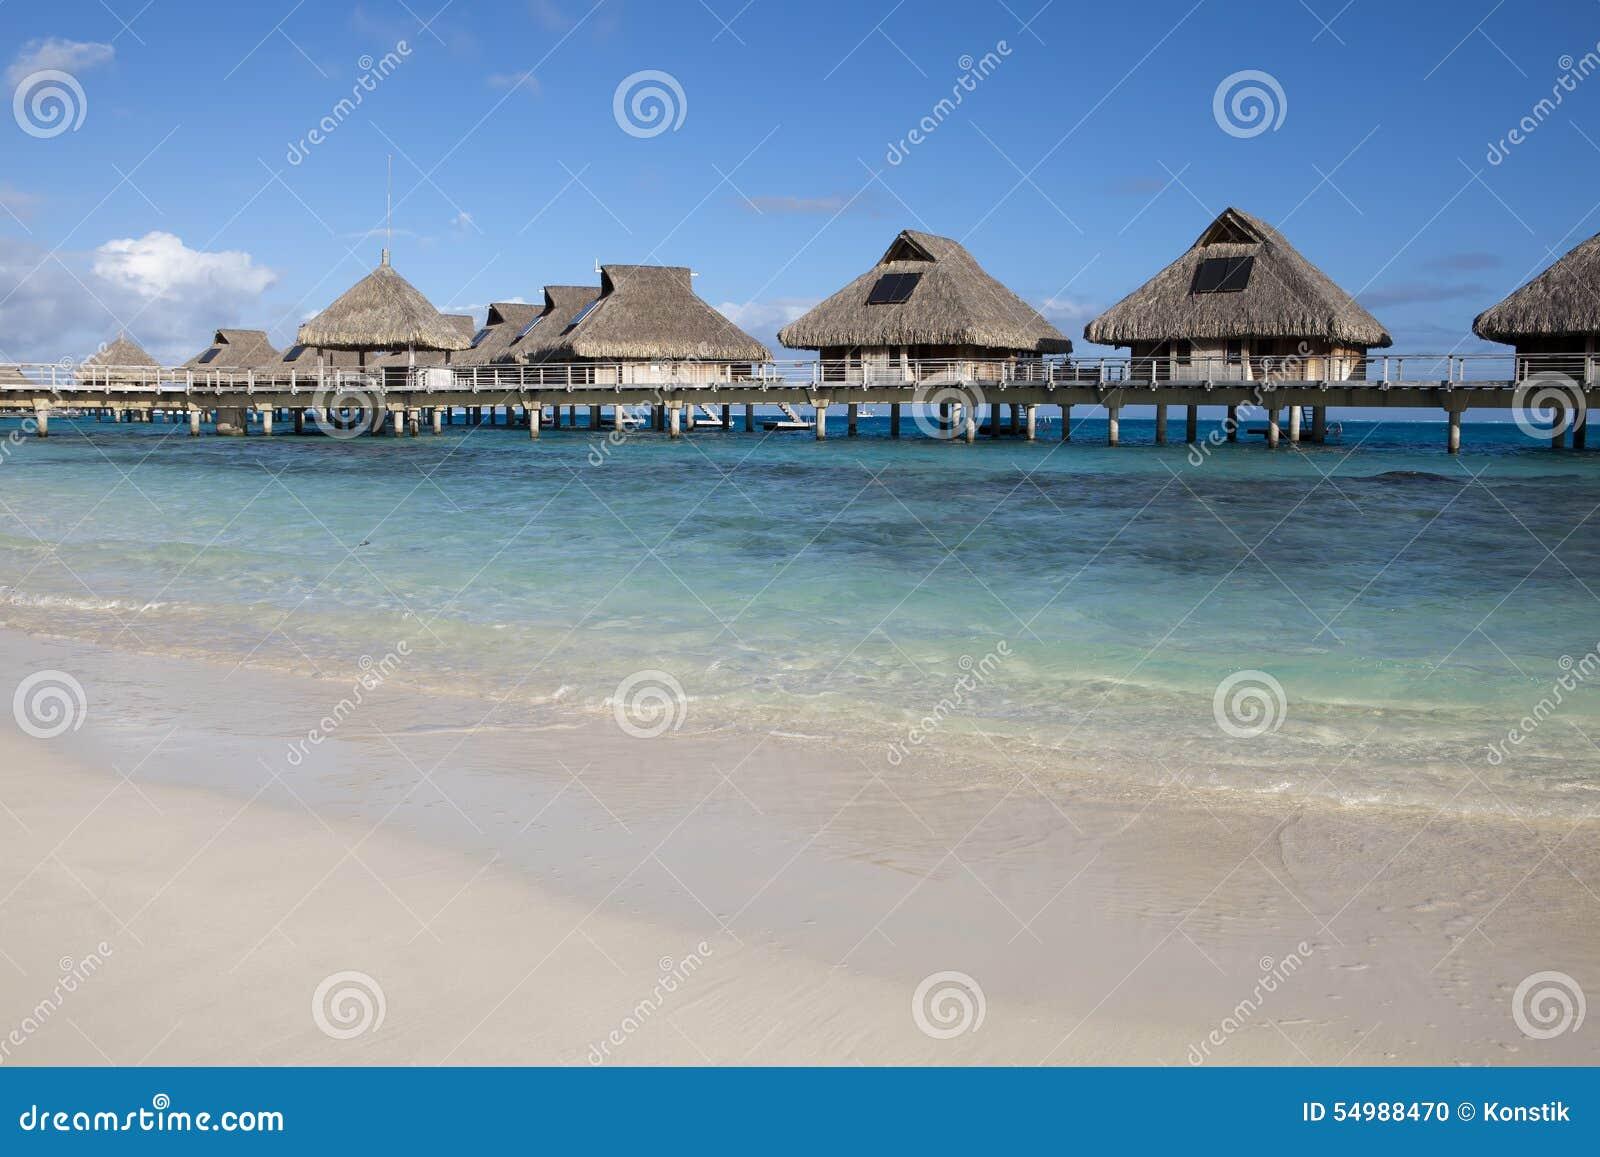 Typisk landskap av tropiska öar - kojor, trähus över vatten